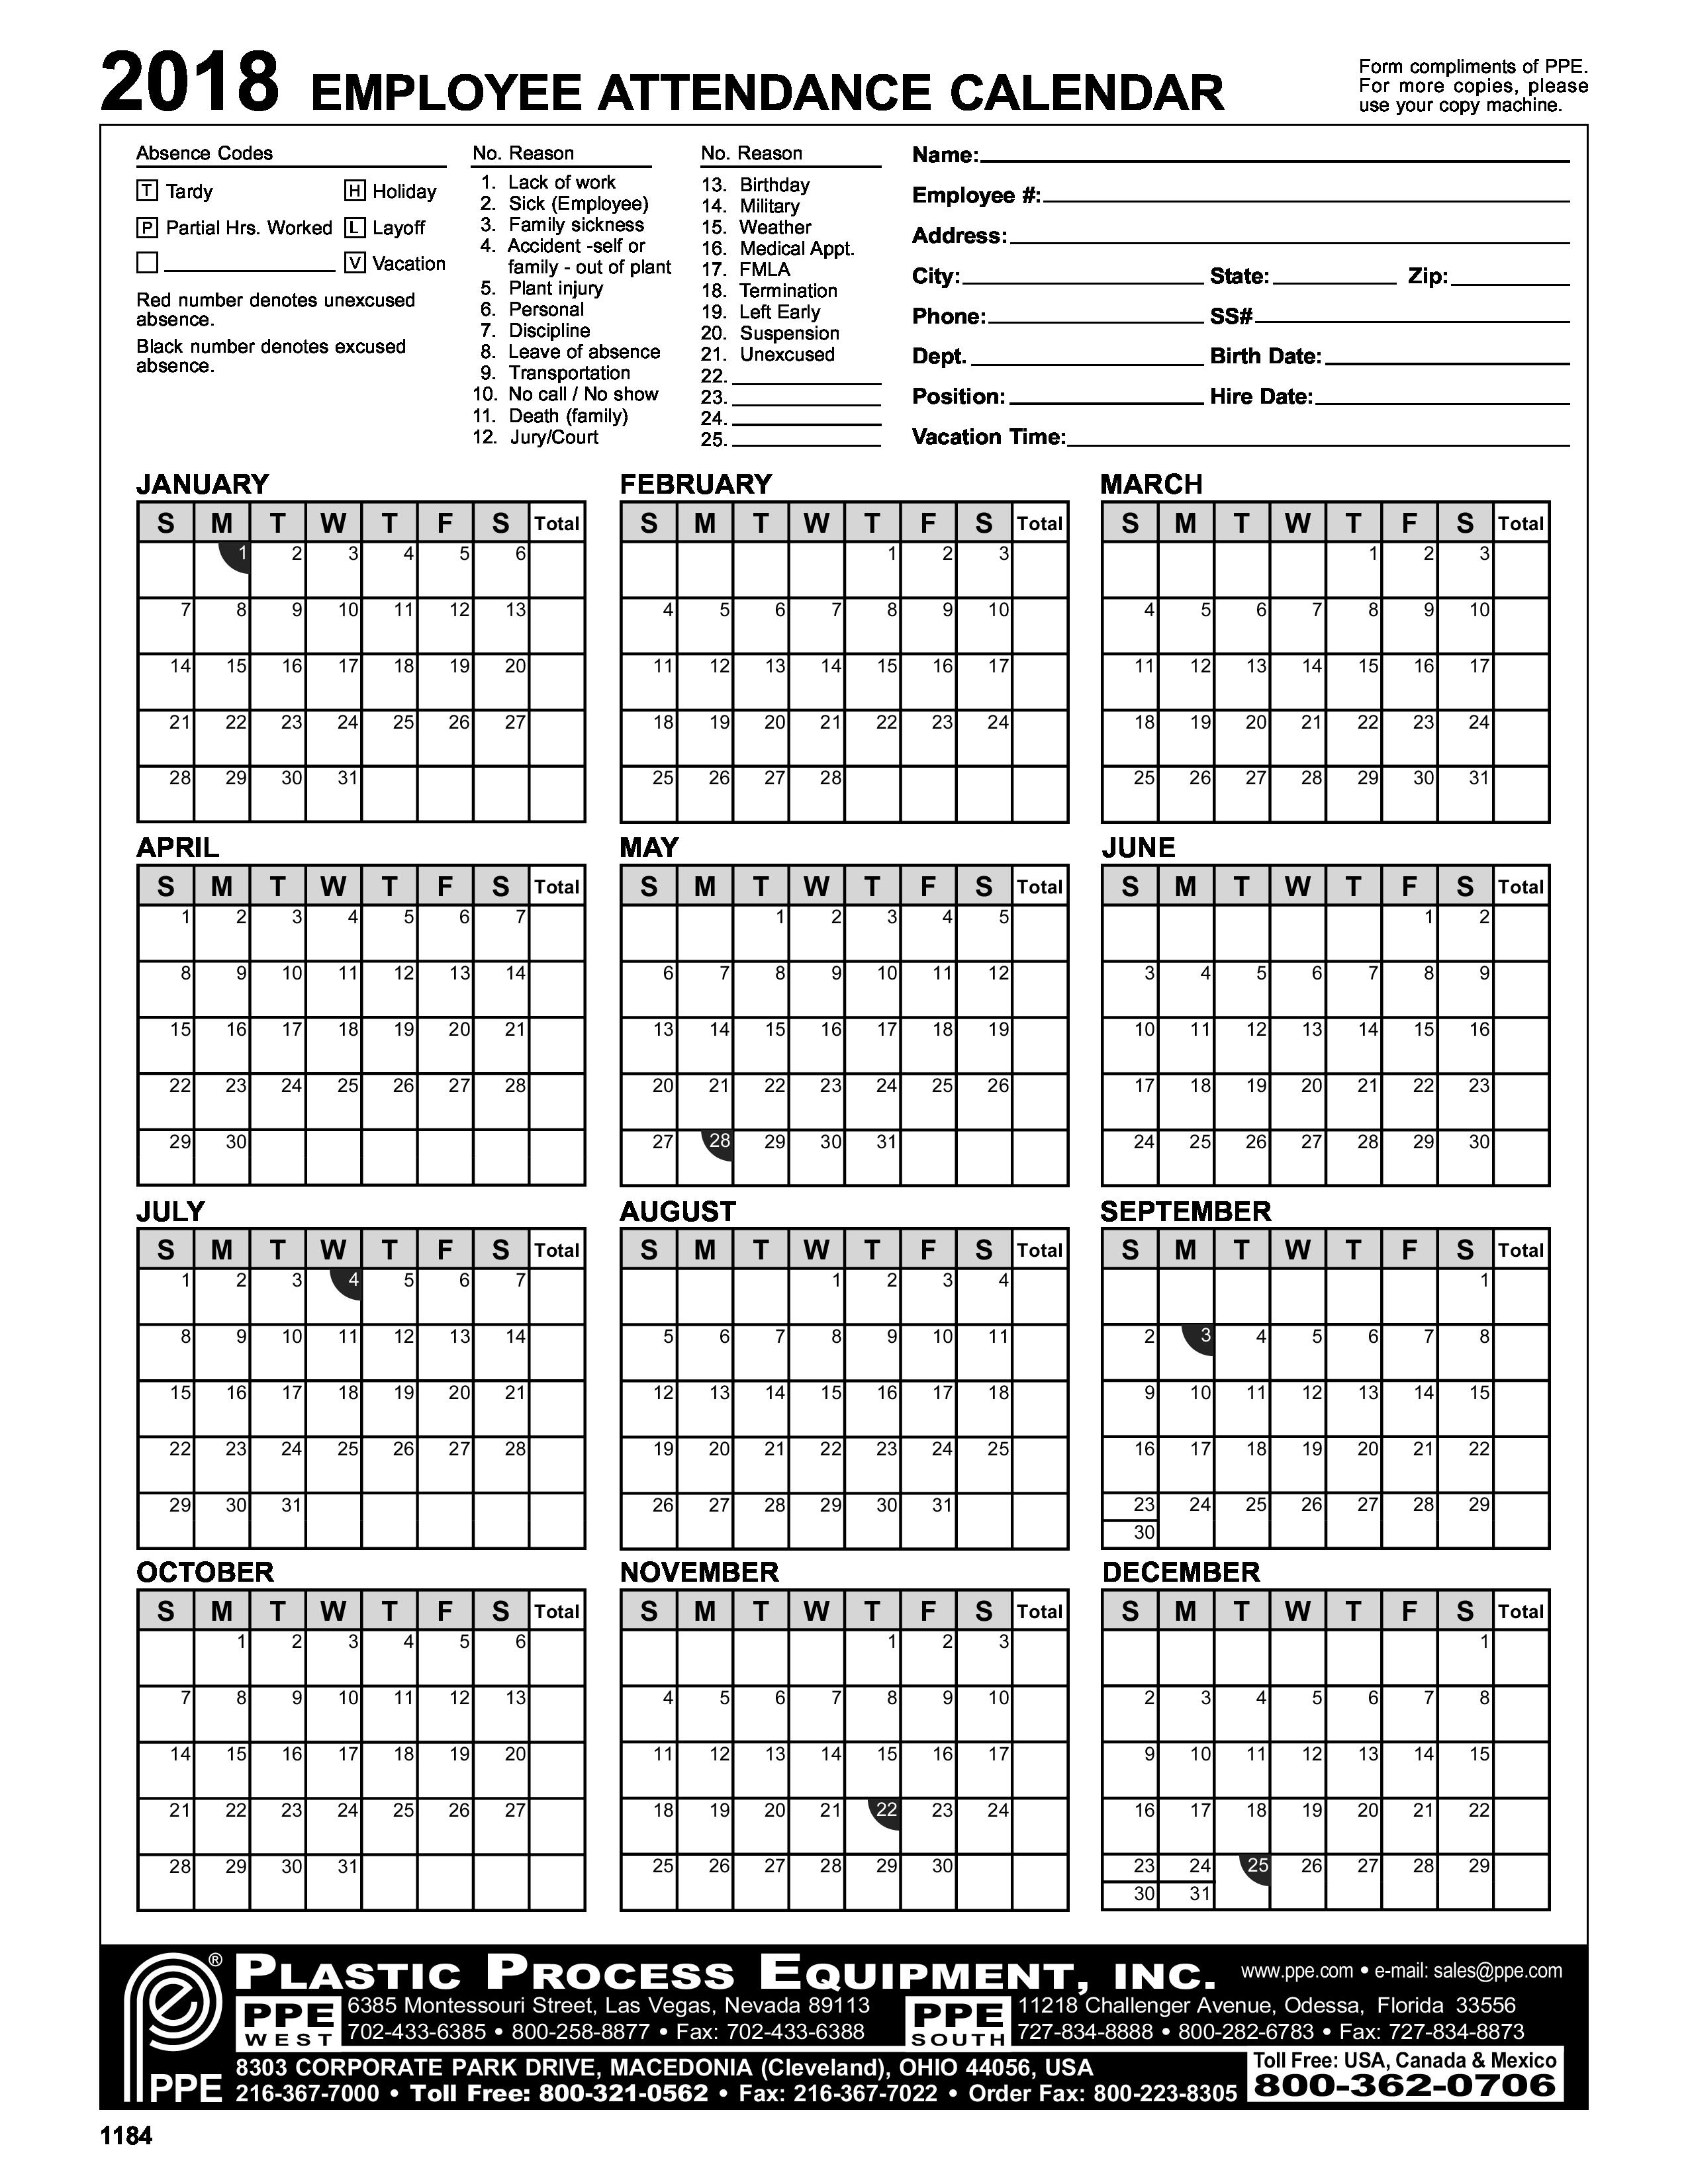 Schedule clipart daily attendance.  employee calendar how